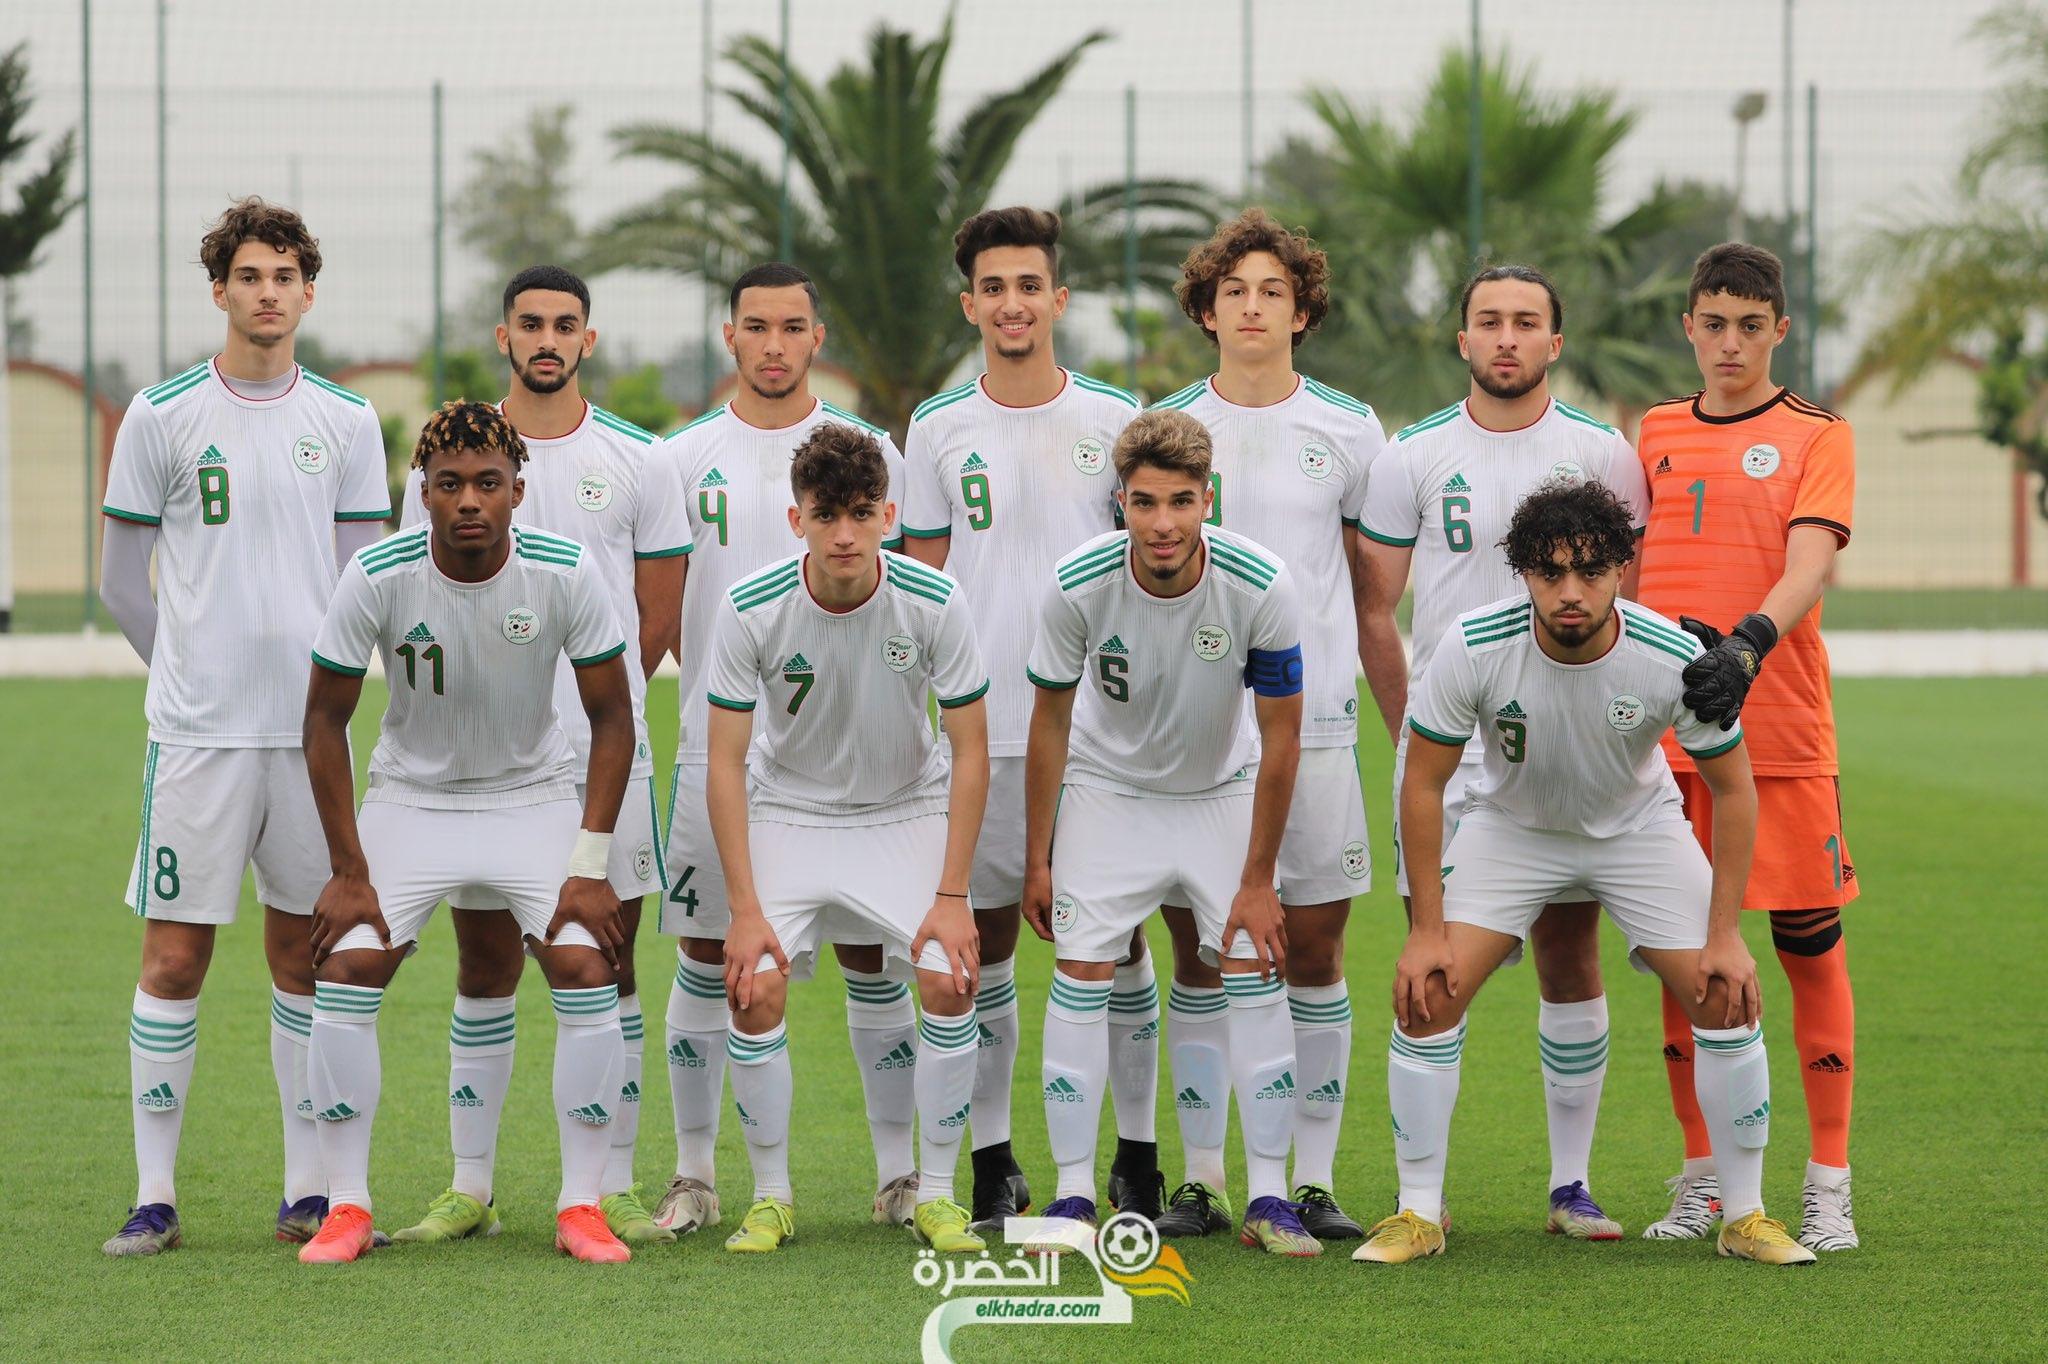 مجموعة الجزائر في كأس العرب لكرة القدم للشباب تحت 20 عاما 1